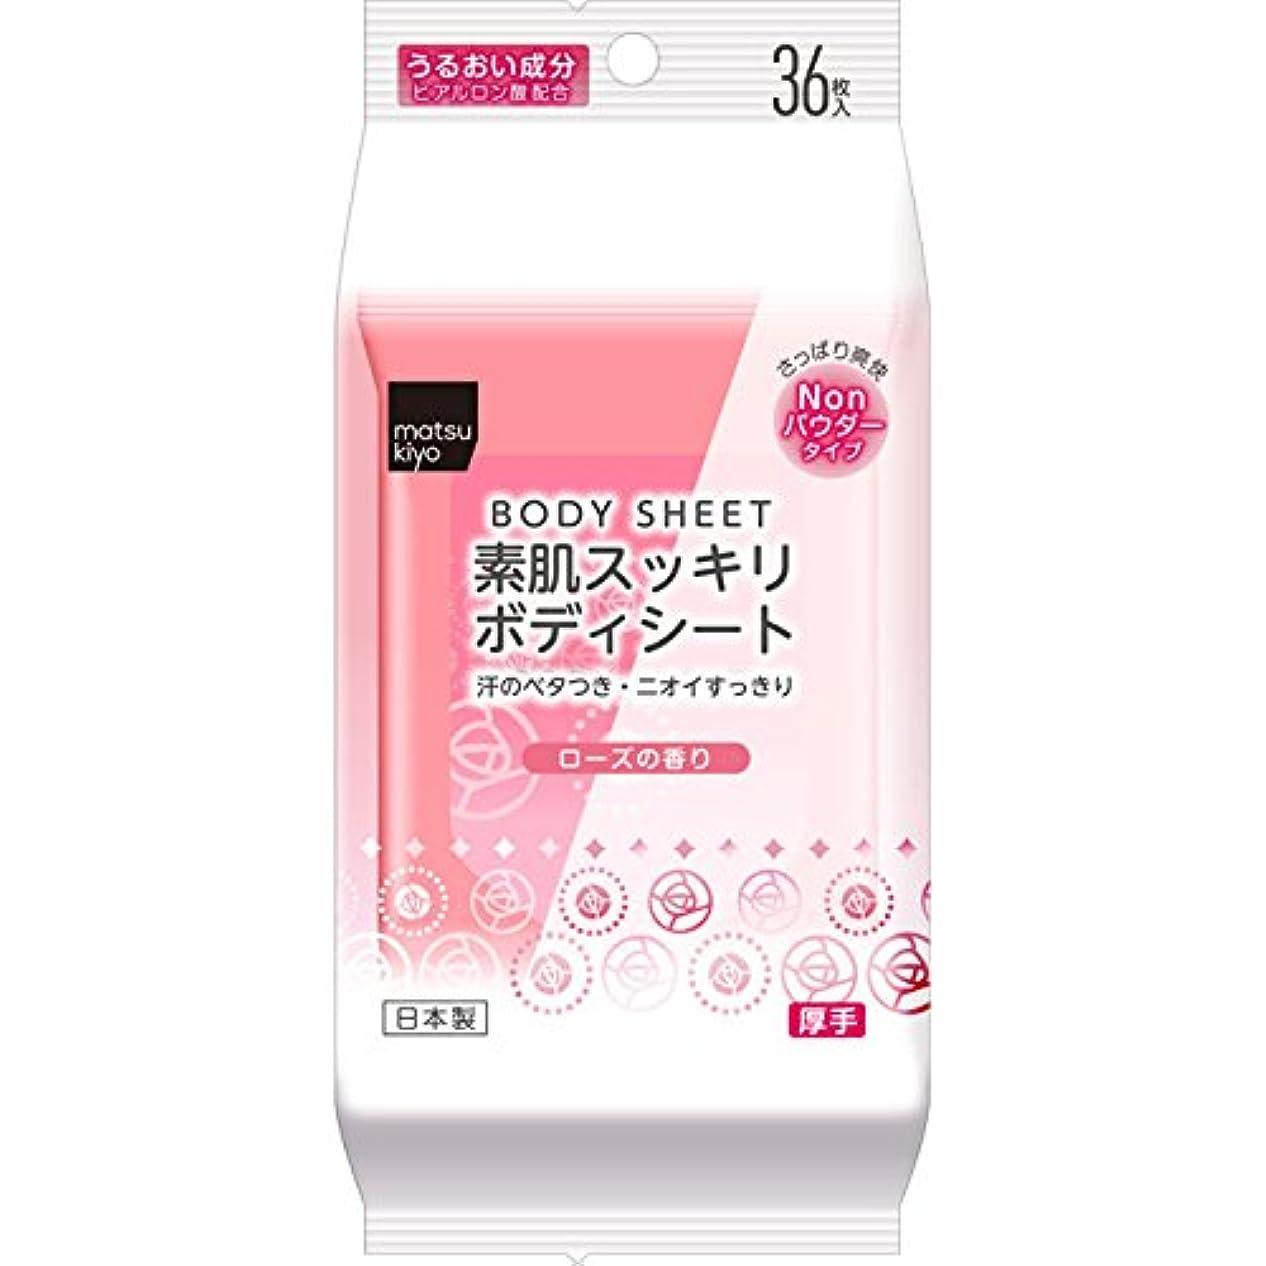 禁じる代数的細分化するmatsukiyo 素肌スッキリボディシート ローズの香り 36枚